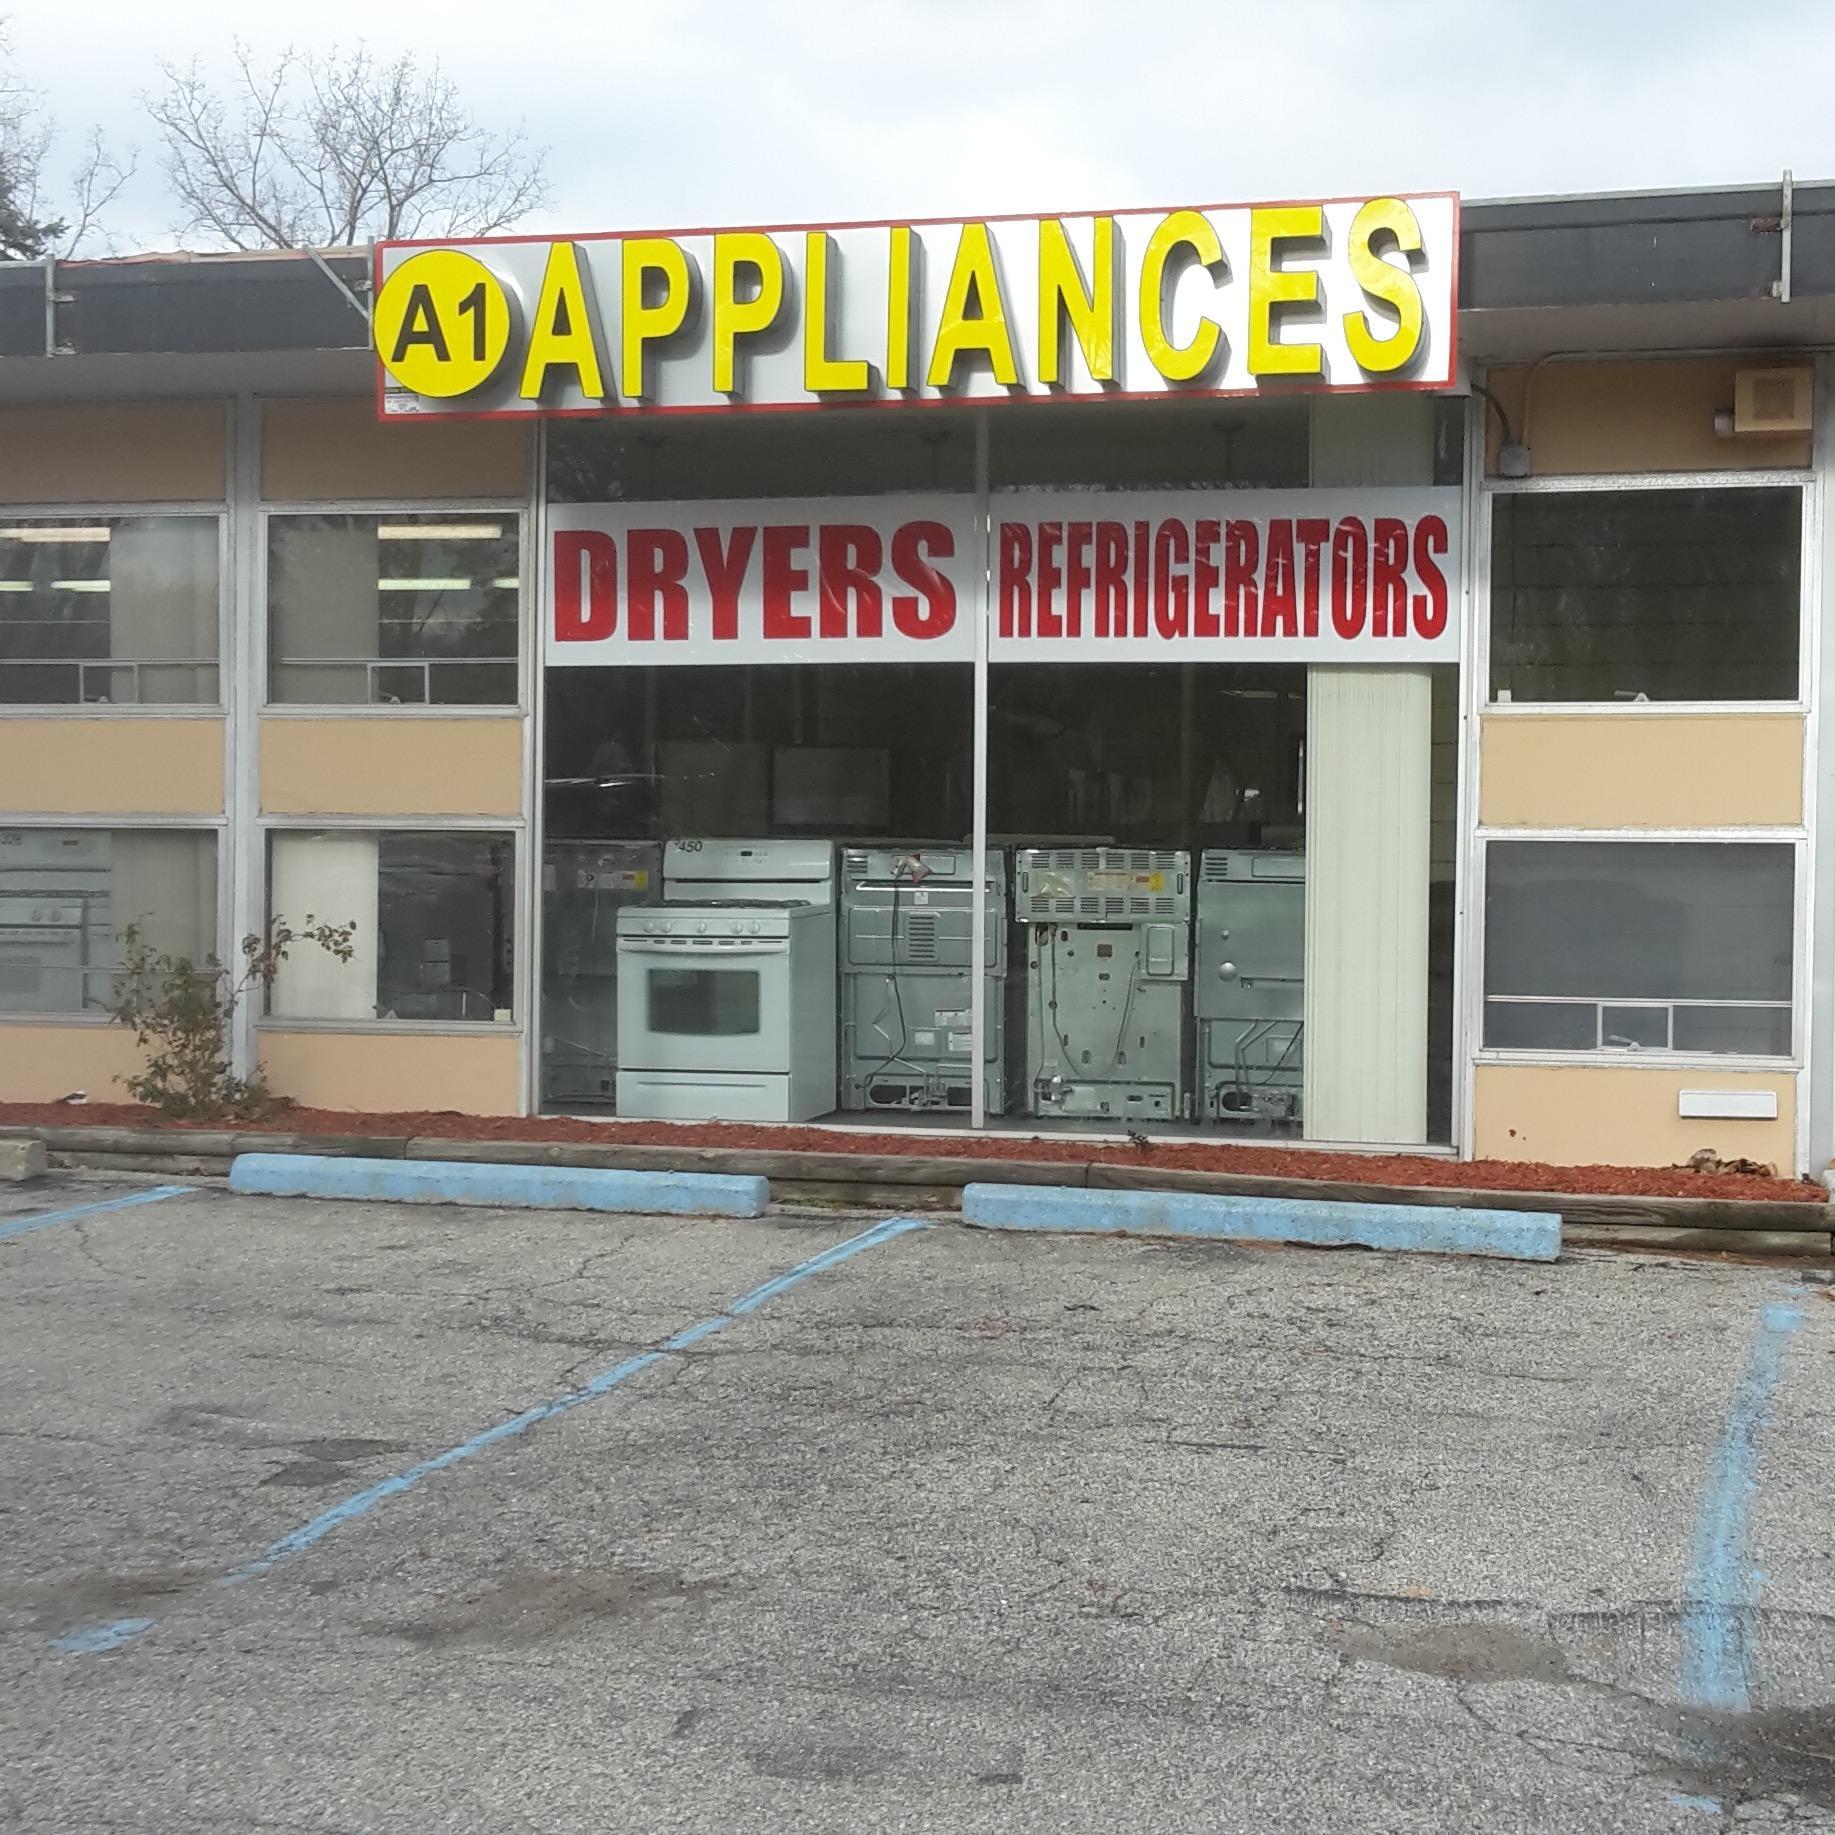 A1 Appliances image 5